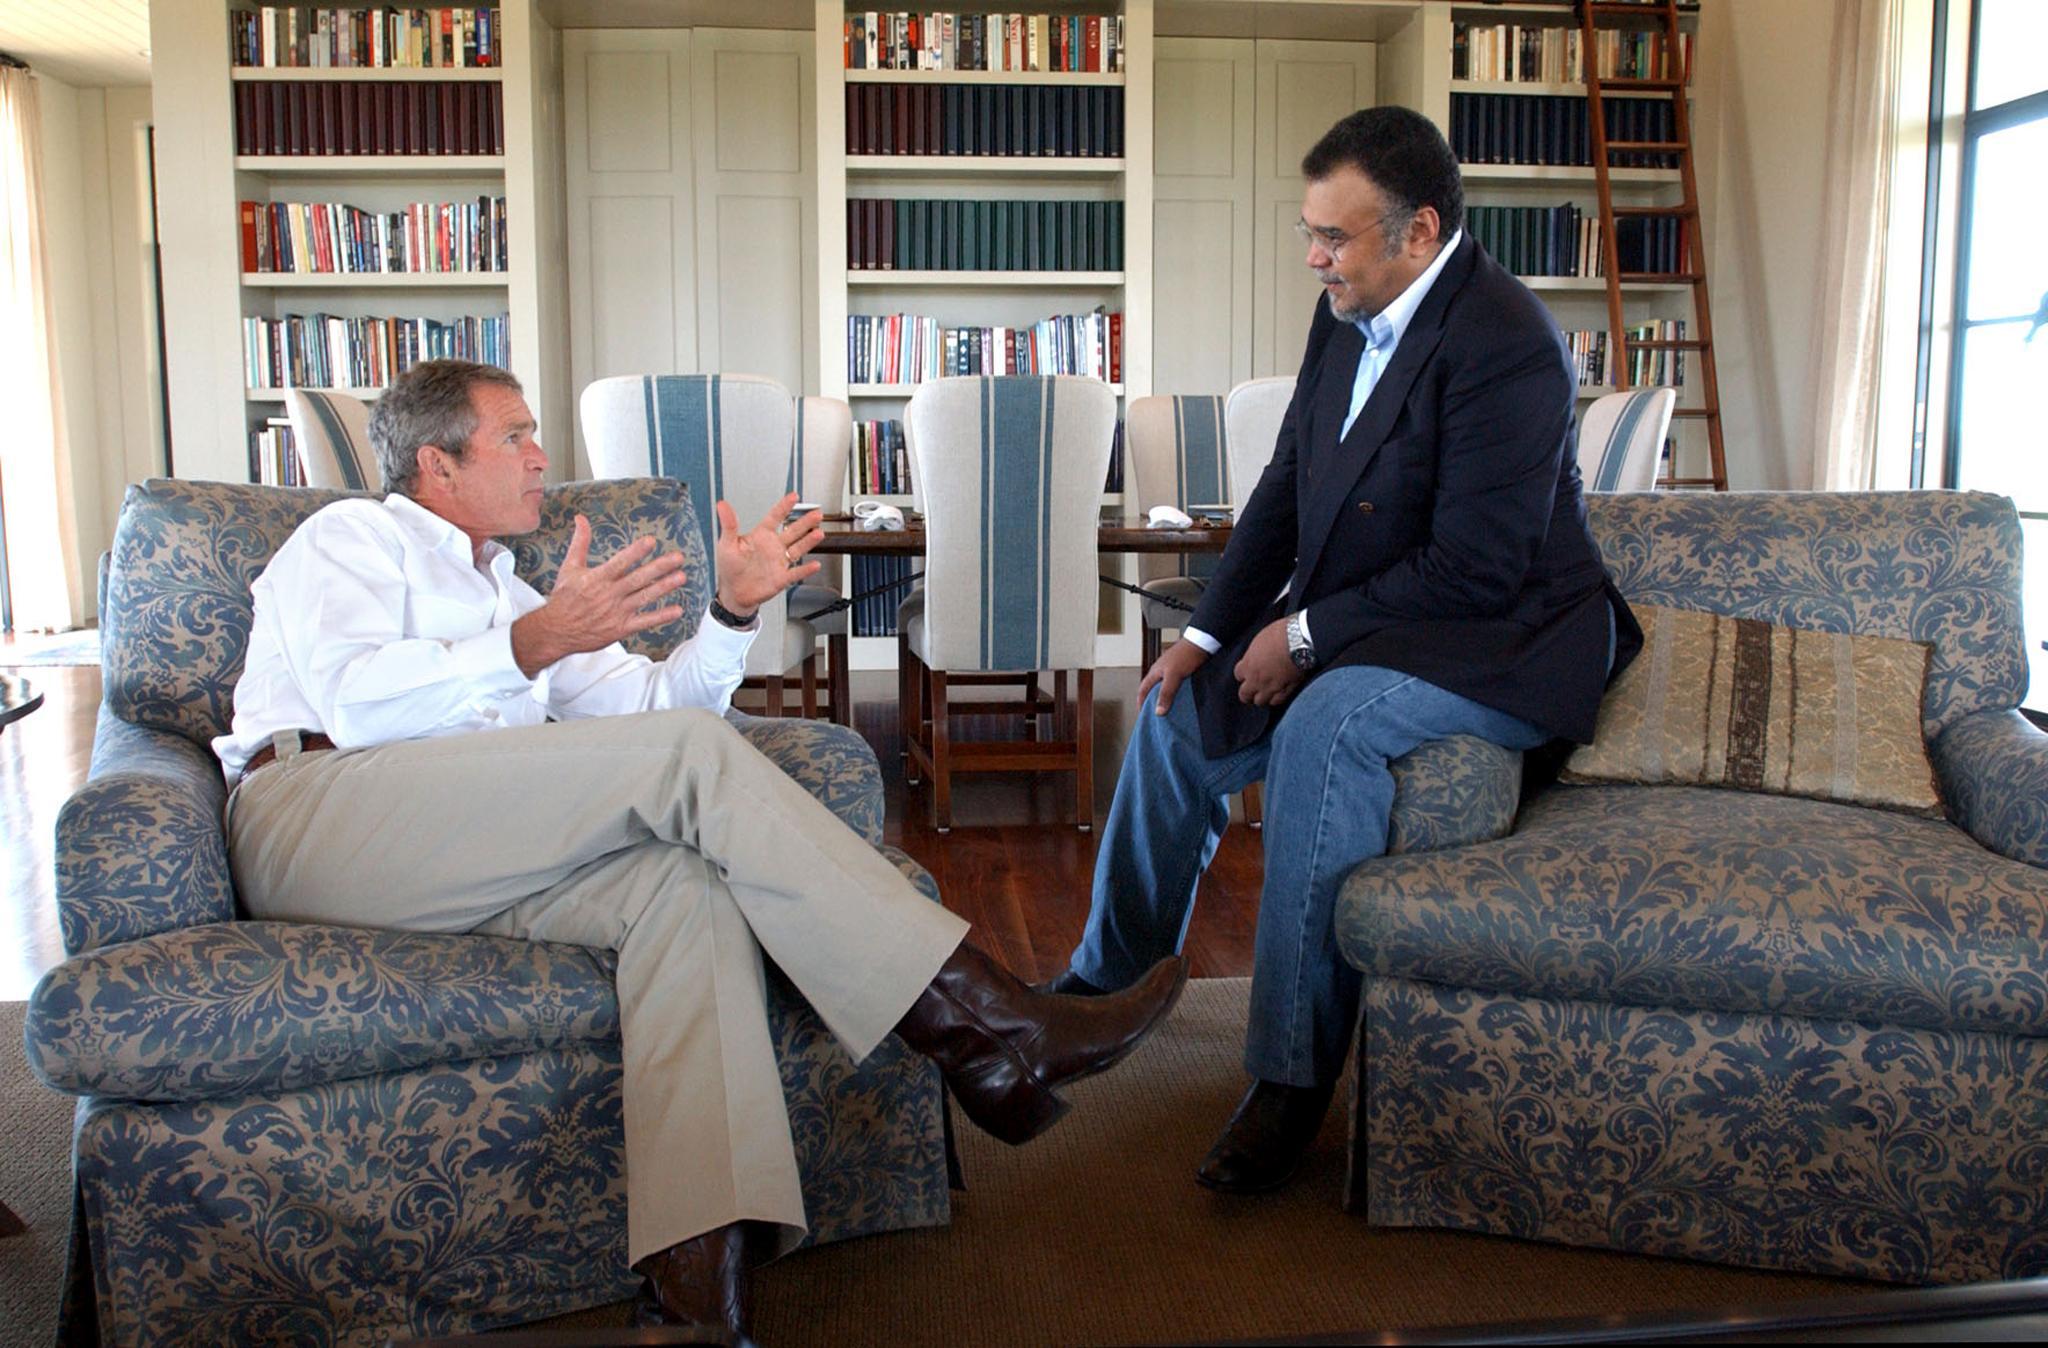 الرئيس الأميركي الأميركي السابق جورج بوش وبند بن سلطان، السفير السعودي إلى واشنطن سابقا في صورة تعود إلى العام 2002